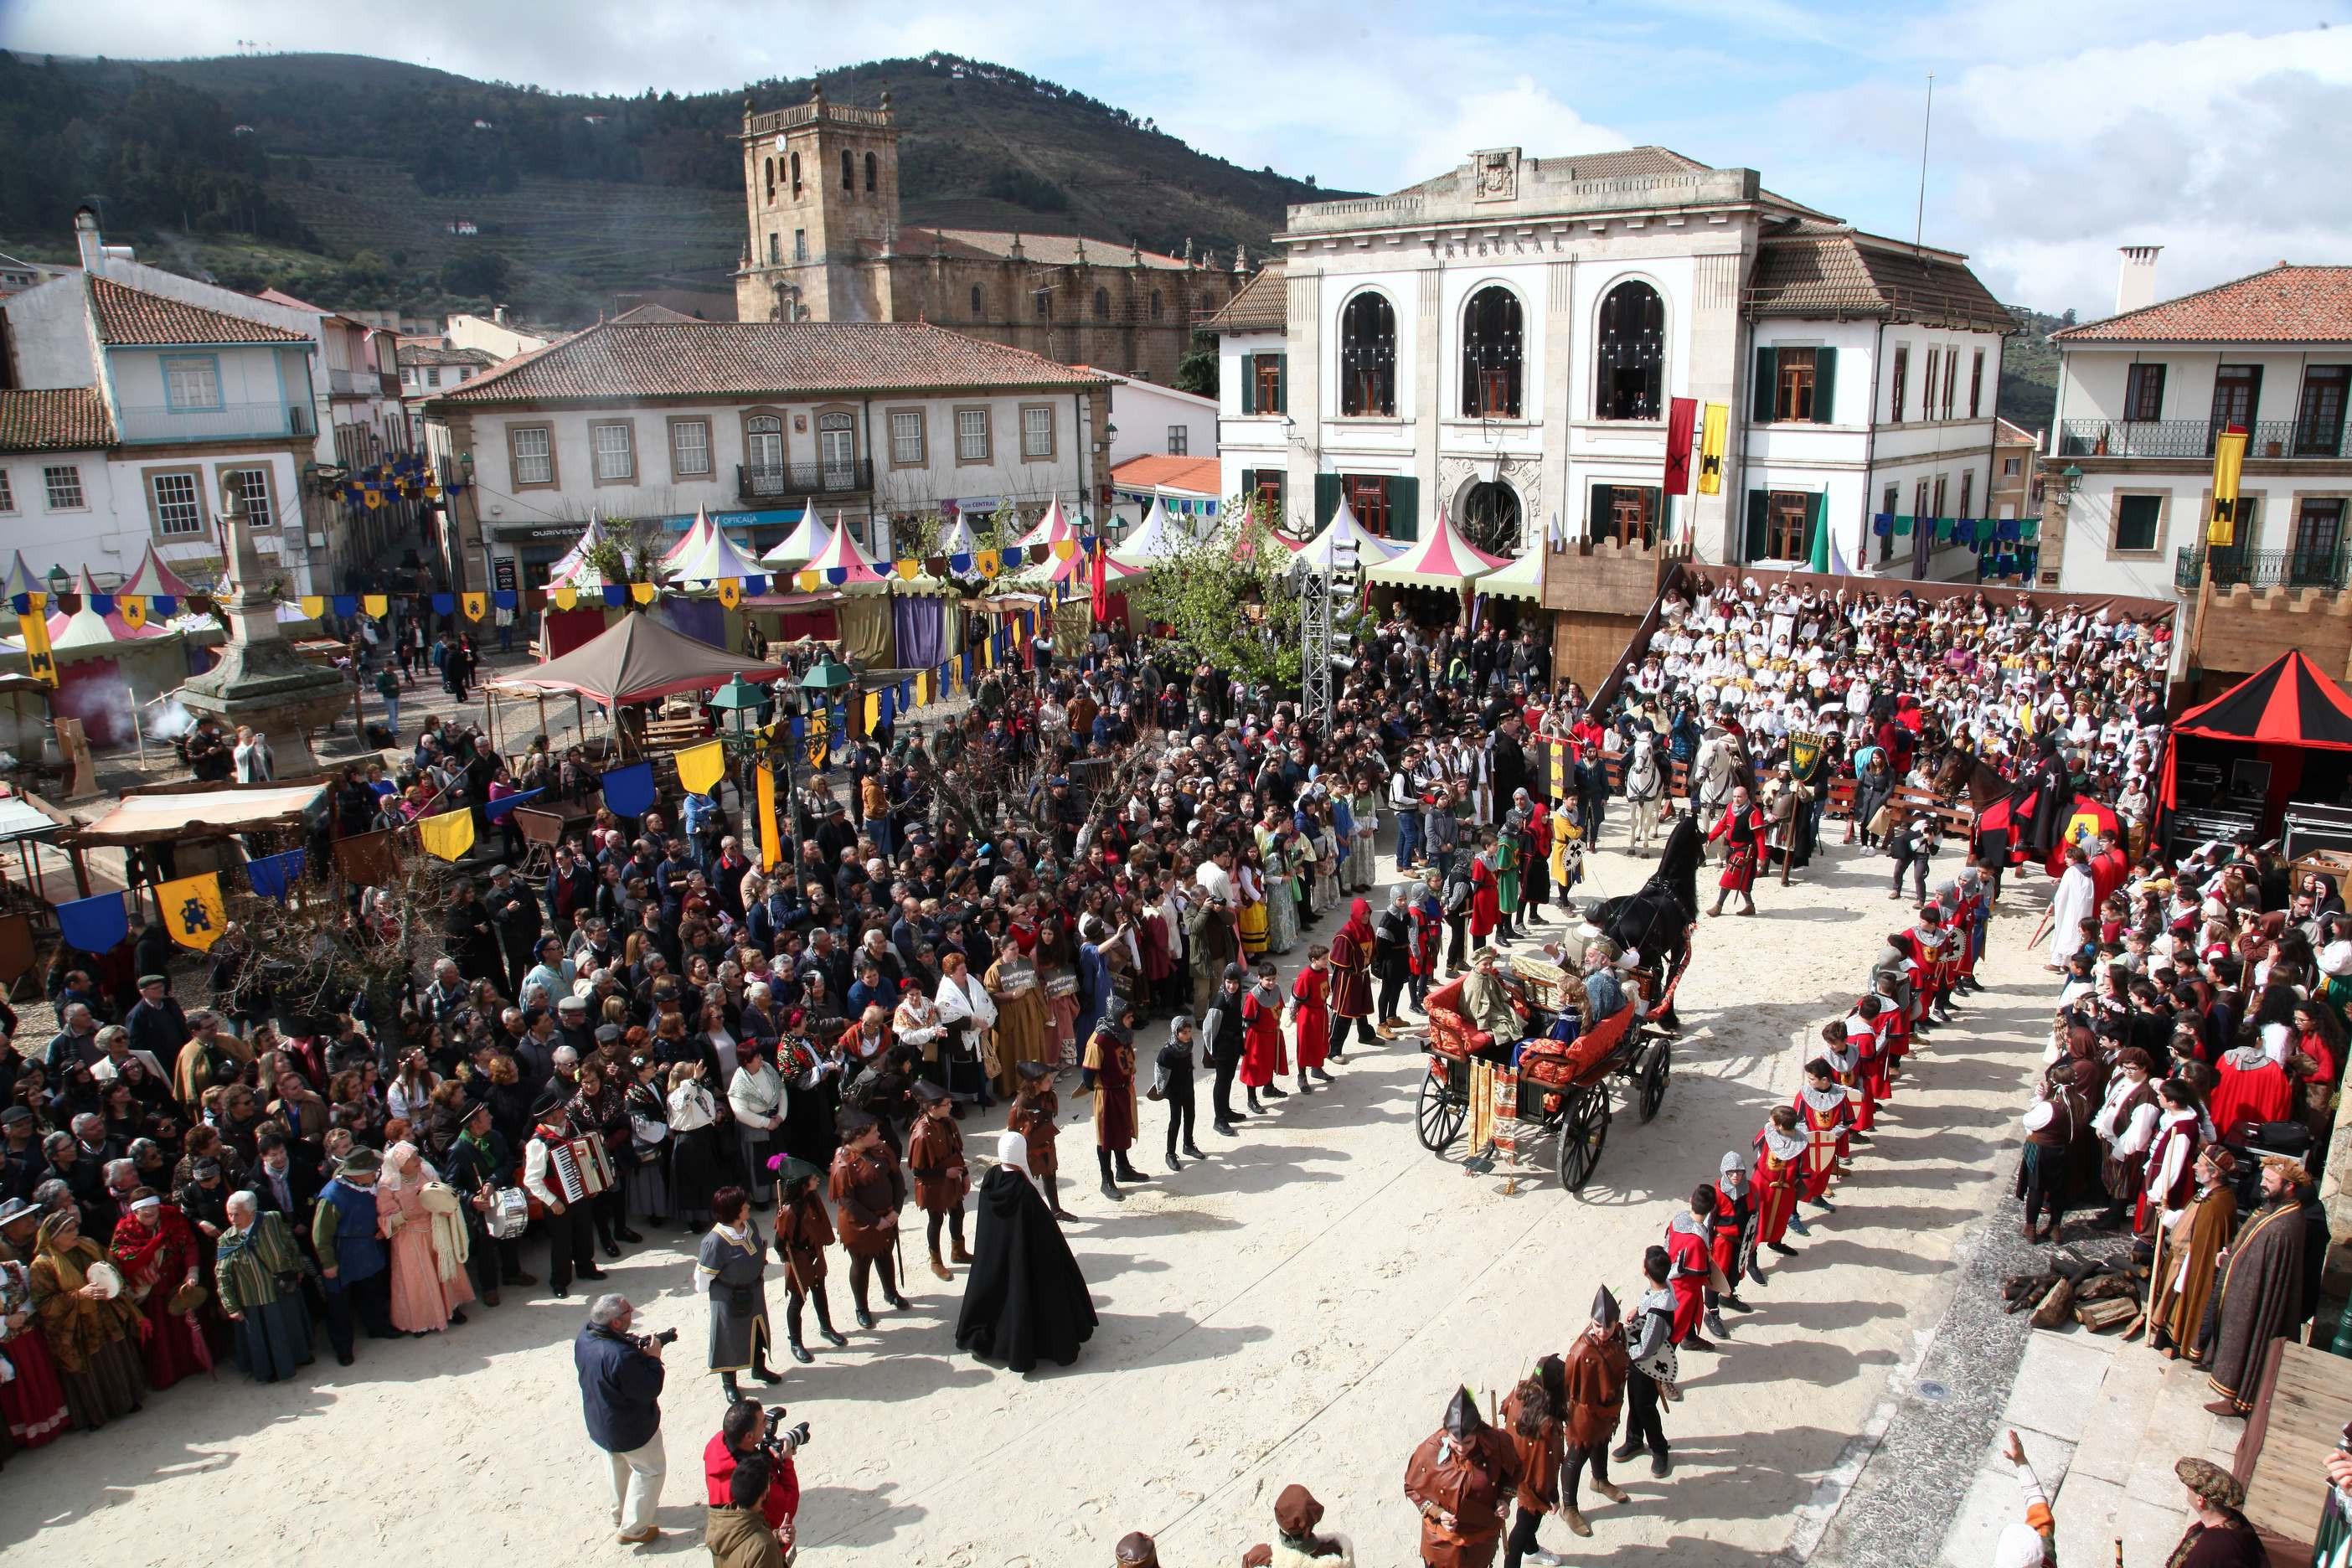 Mil alunos do programa 'Conociéndonos' na feira medieval de Monvorvo